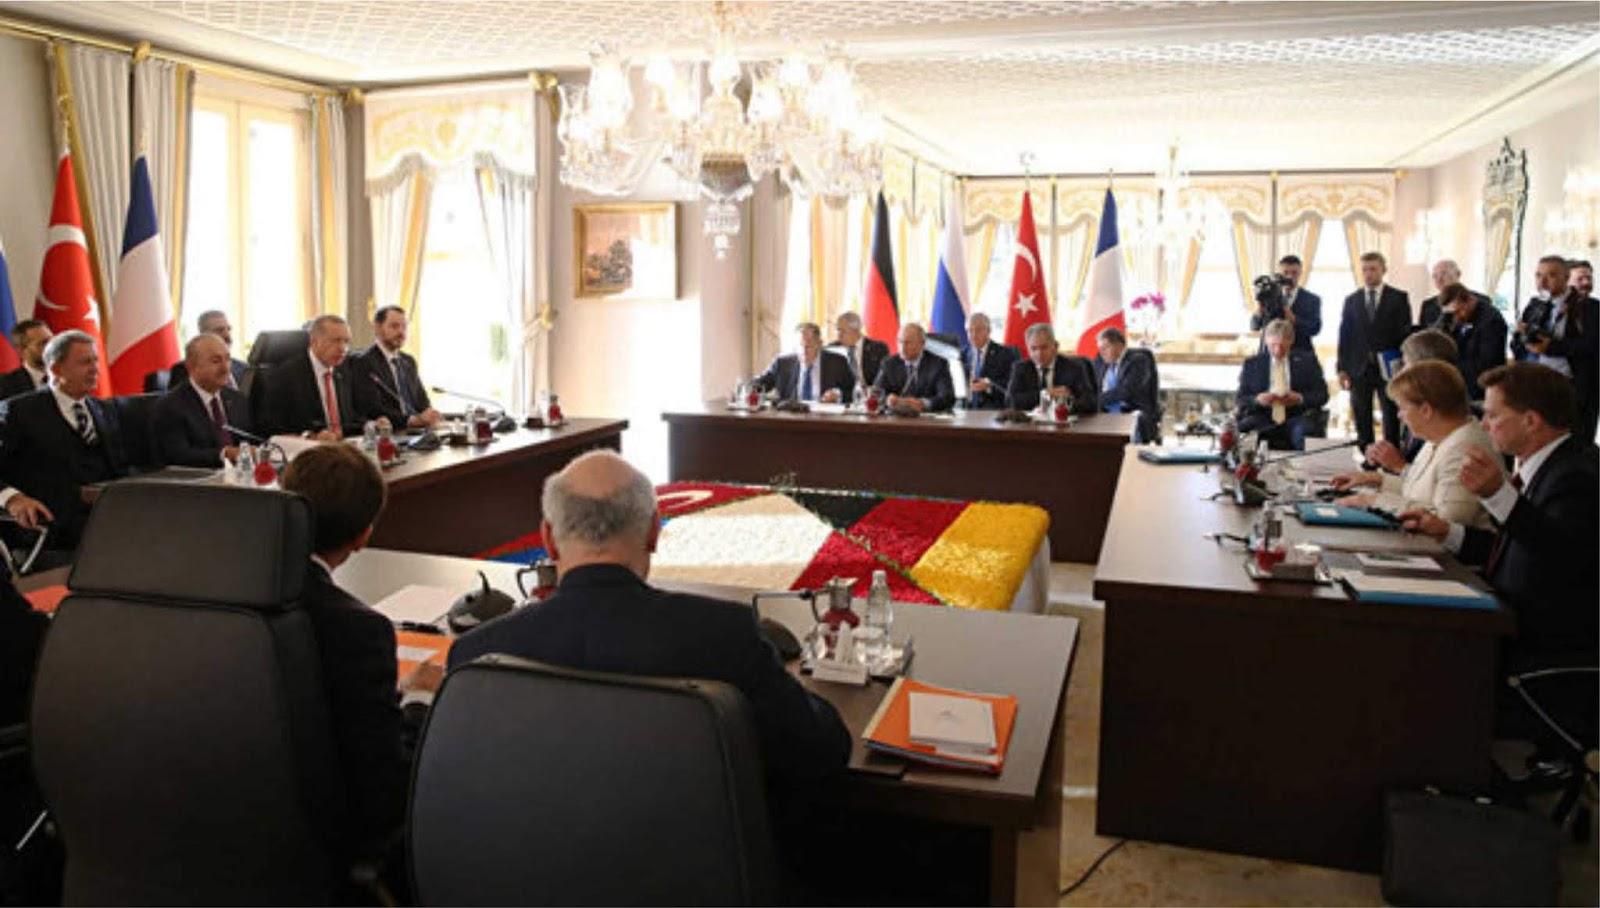 Rusia, Jerman, Turki dan Prancis telah menyatakan komitmennya pada integritas teritorial Suriah